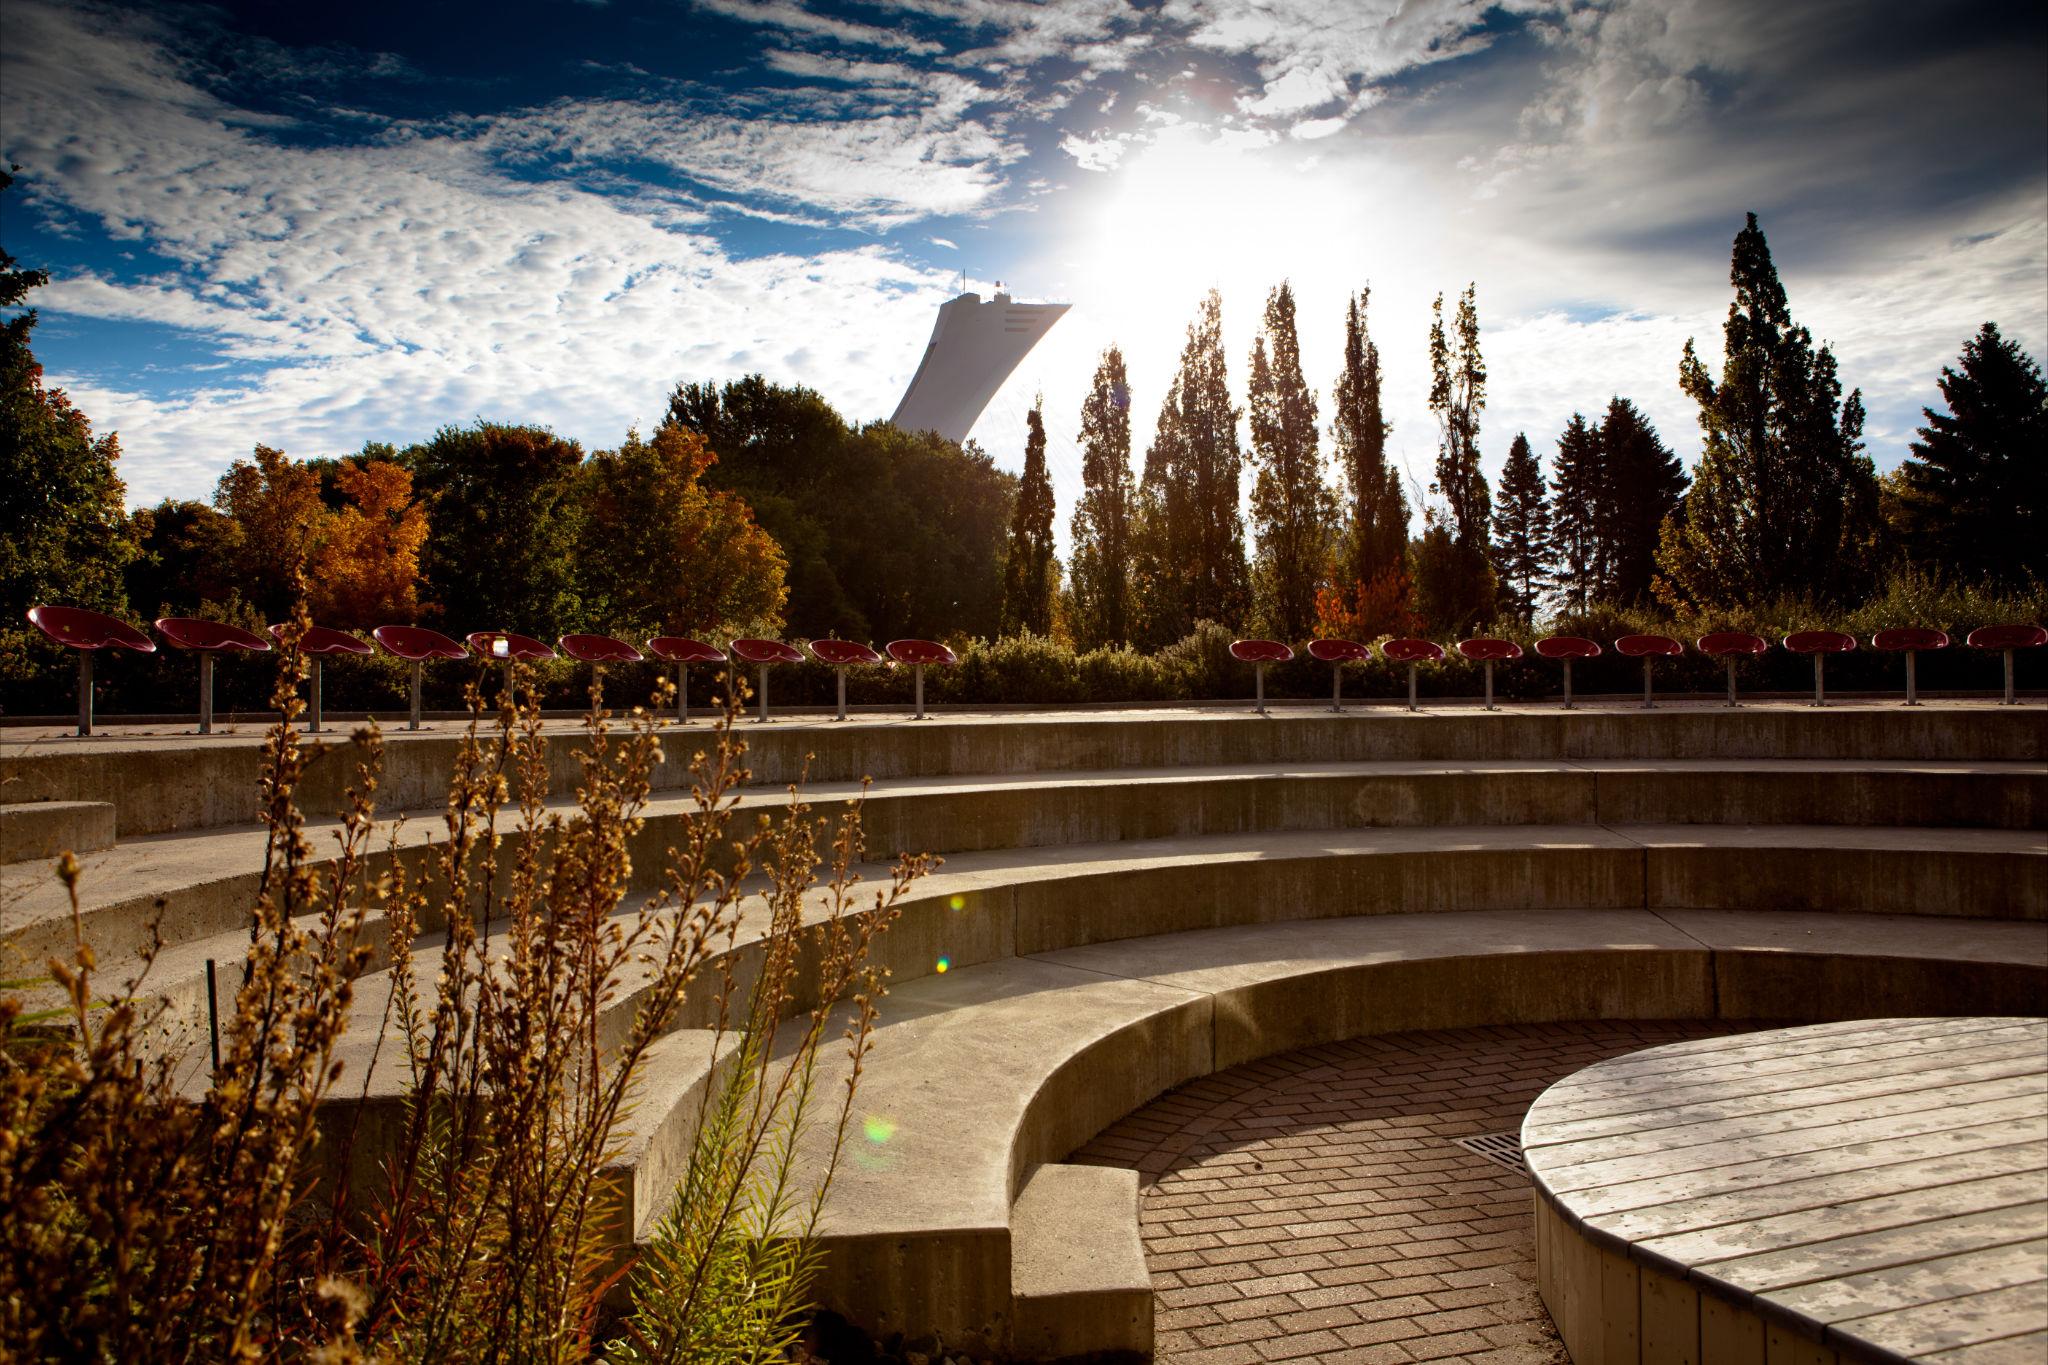 Forfait 2 sites tour de montr al espace pour la vie for Jardin botanique montreal tarif